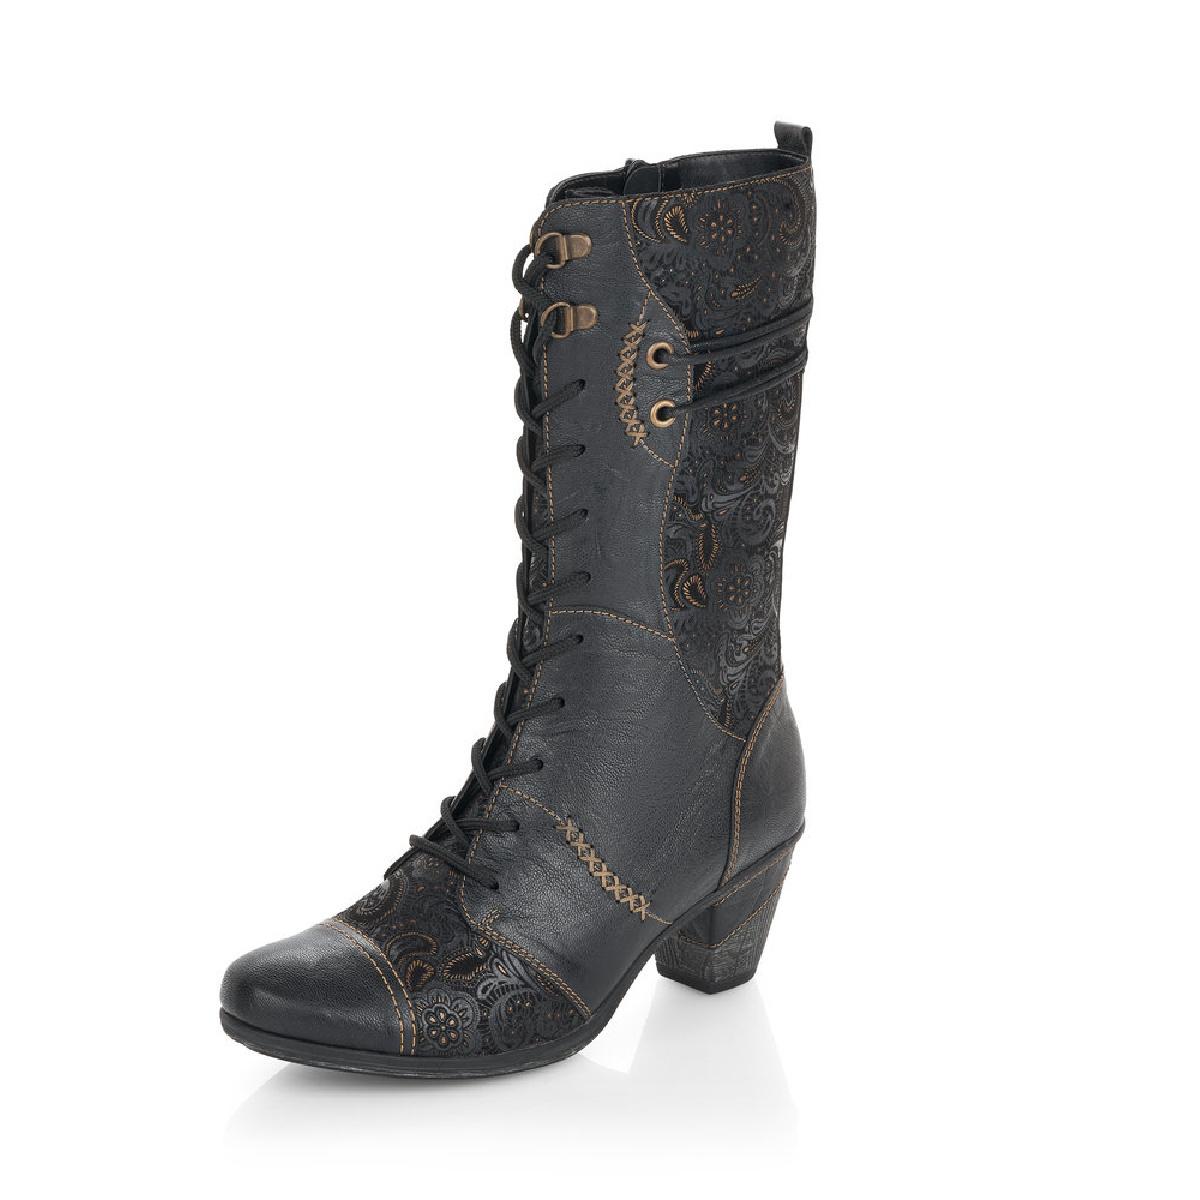 Remonte Remonte Women's D8791-03 Black